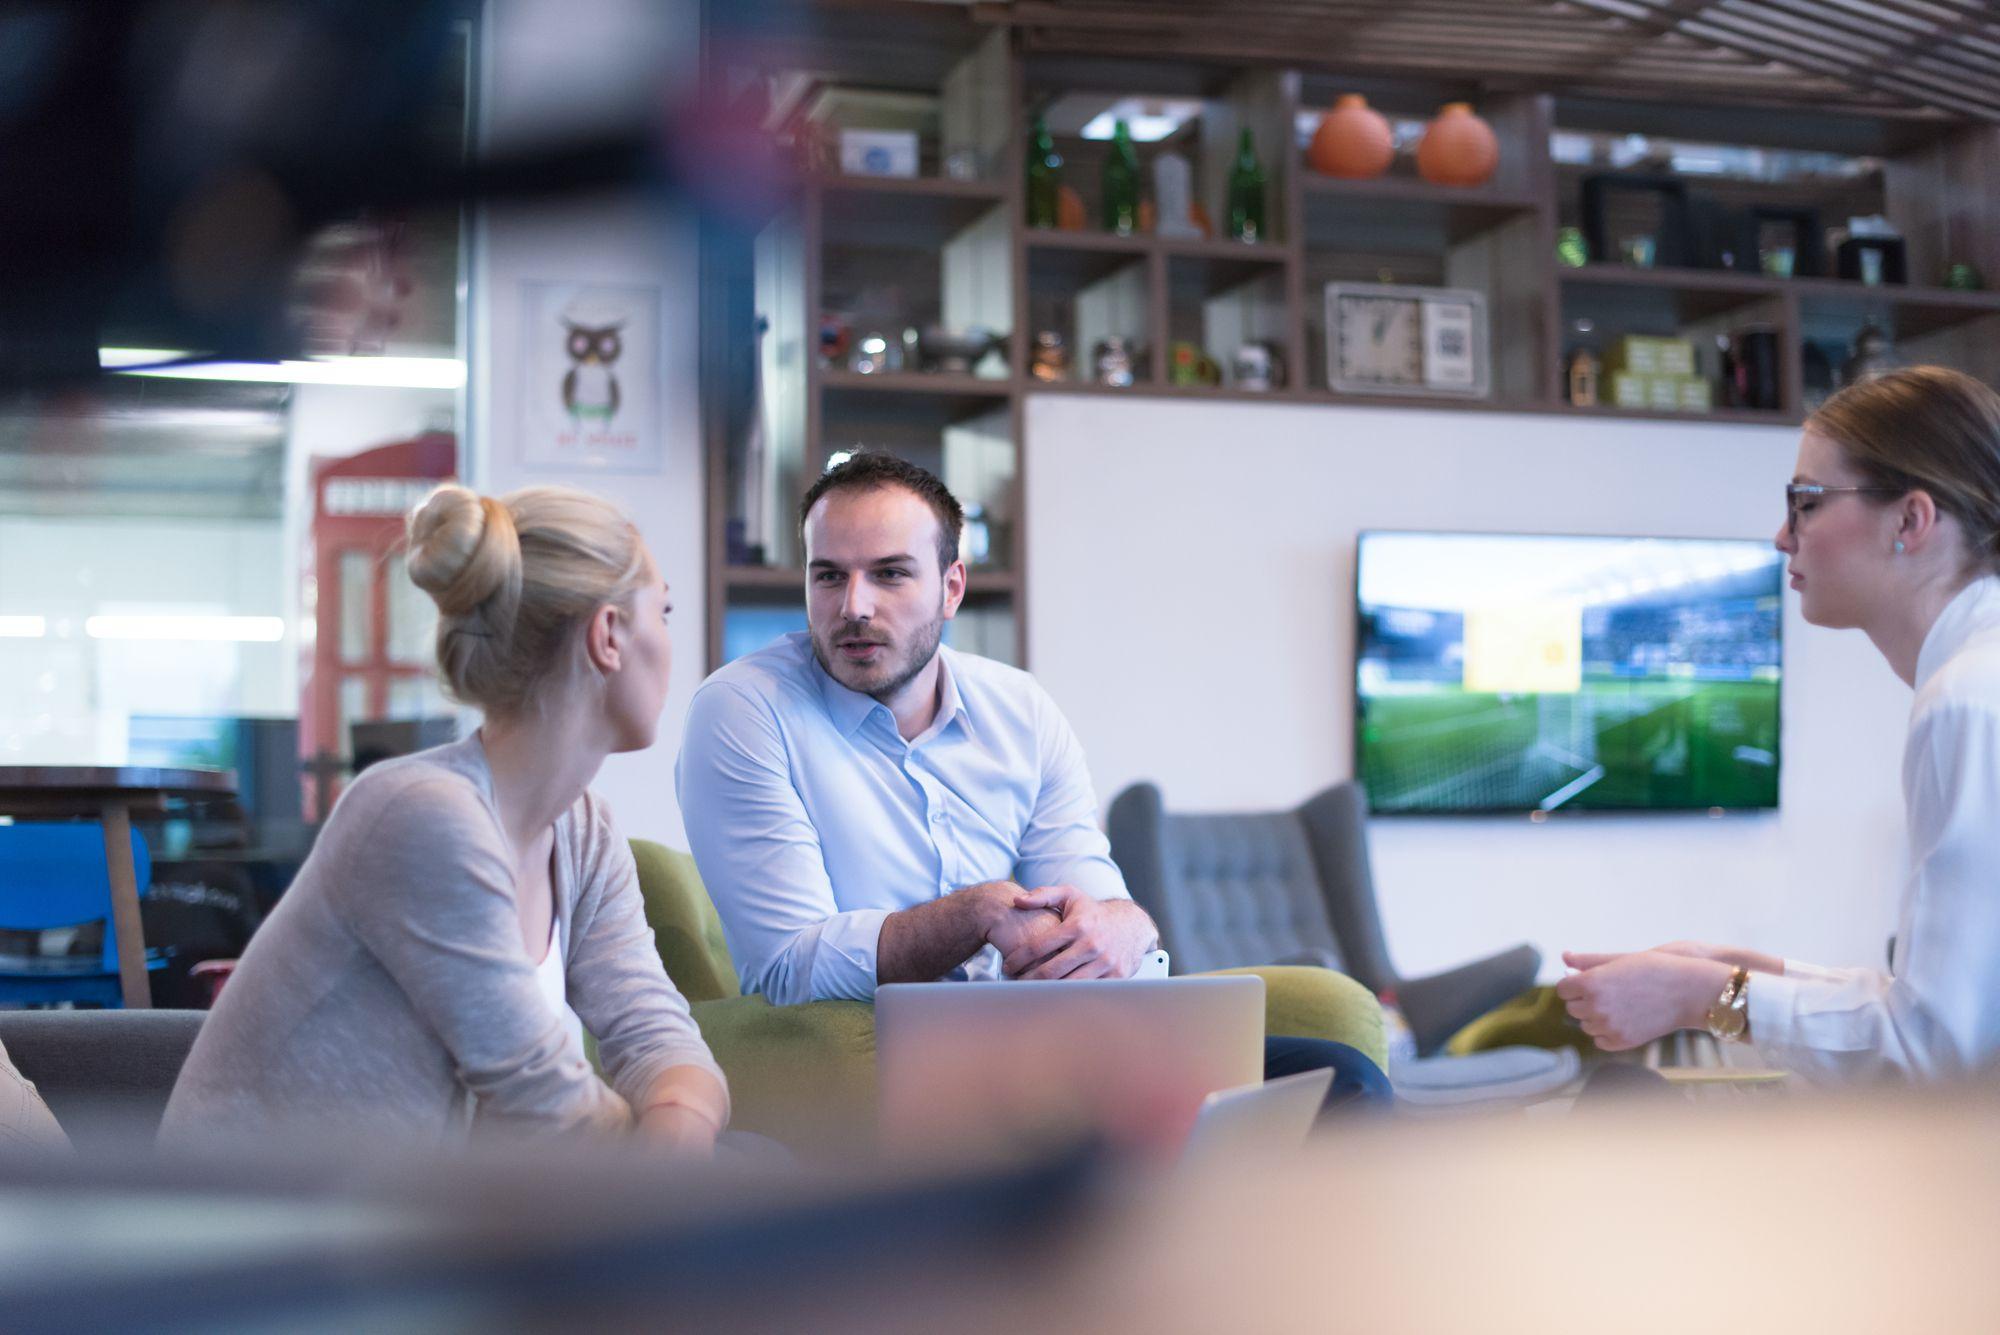 Mentor para startups: 6 pontos a considerar antes de escolher um